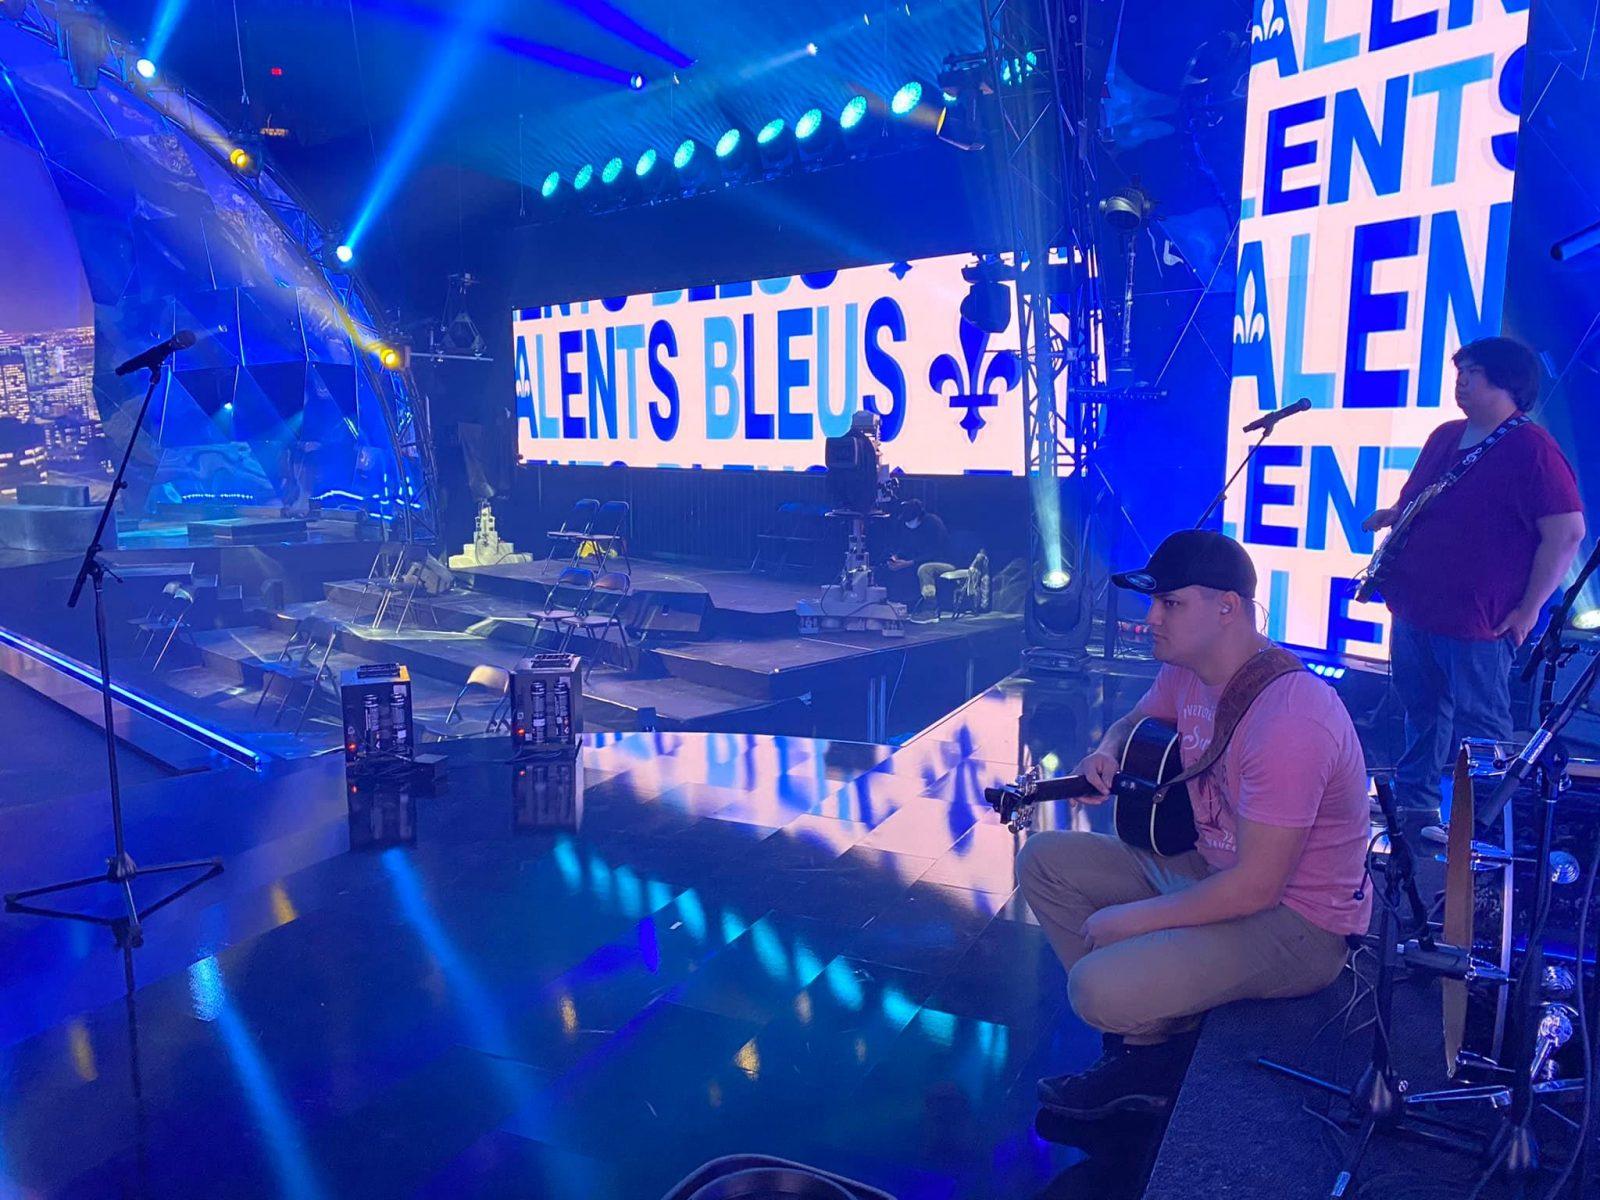 Talents Bleus : Place à la demi-finale pour Scott-Pien Picard